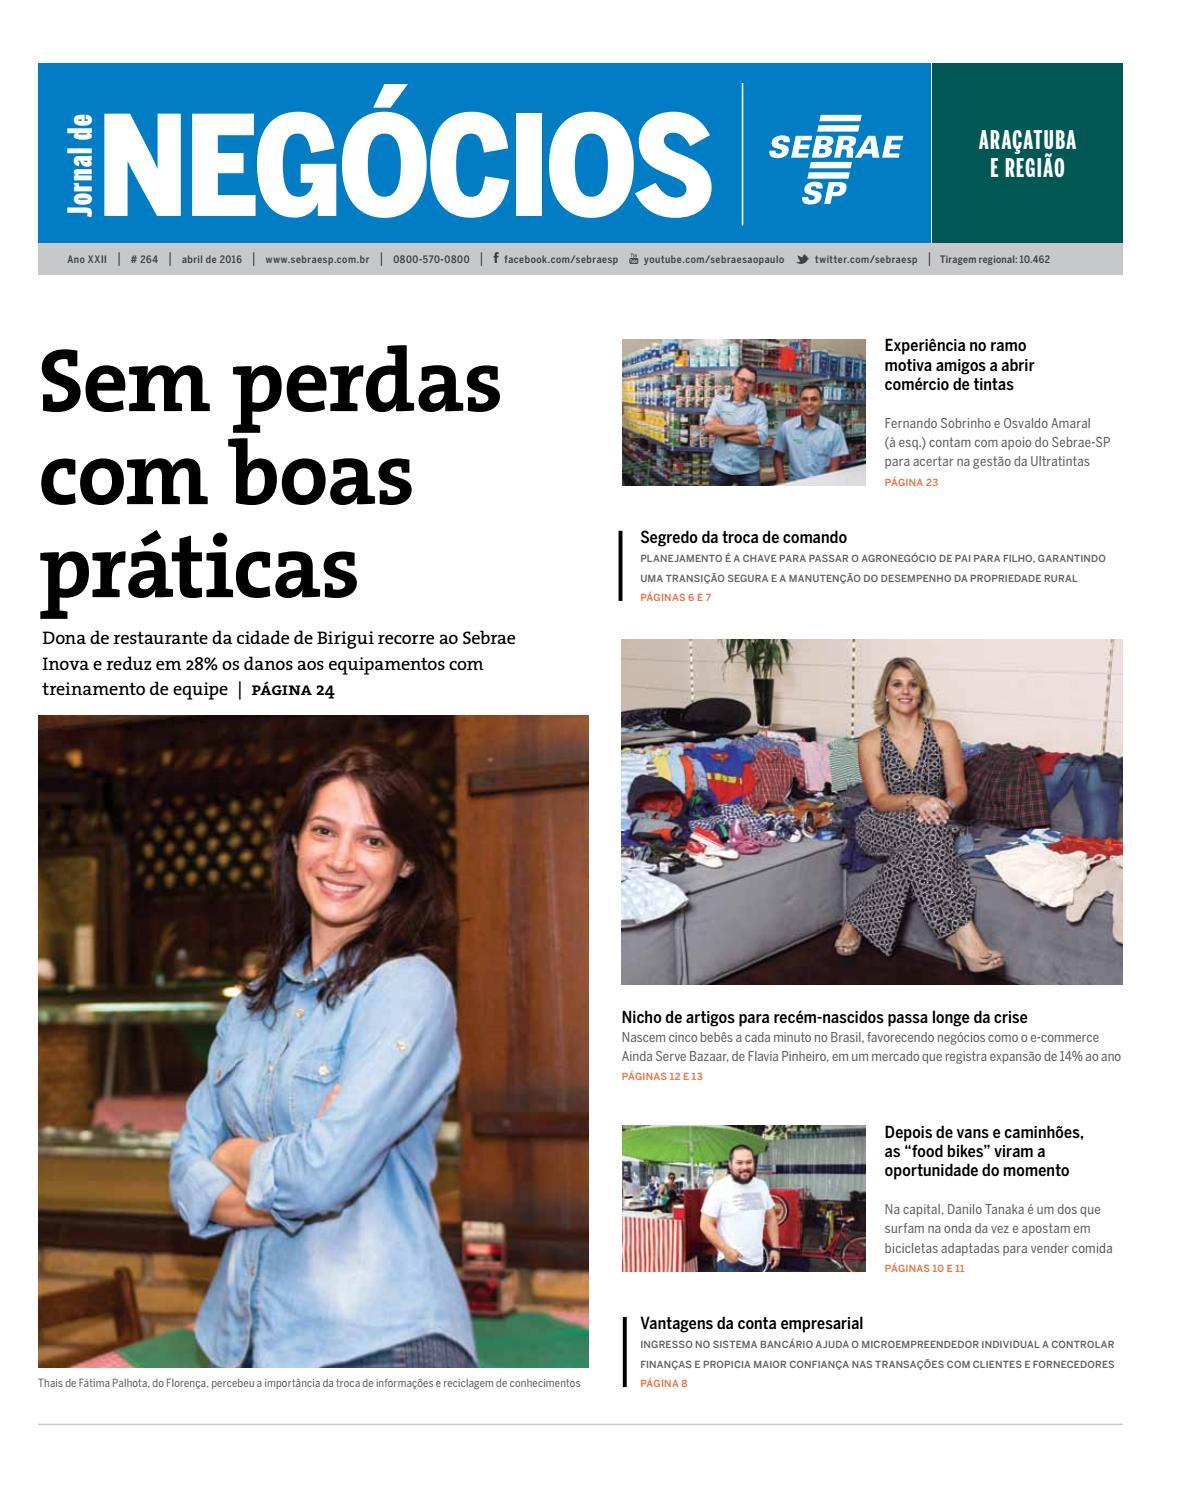 Jornal de Negócios Sebrae-SP - 01 de março de 2016 - Araçatuba e região by  Sebrae-SP - issuu d2df05a3d0108